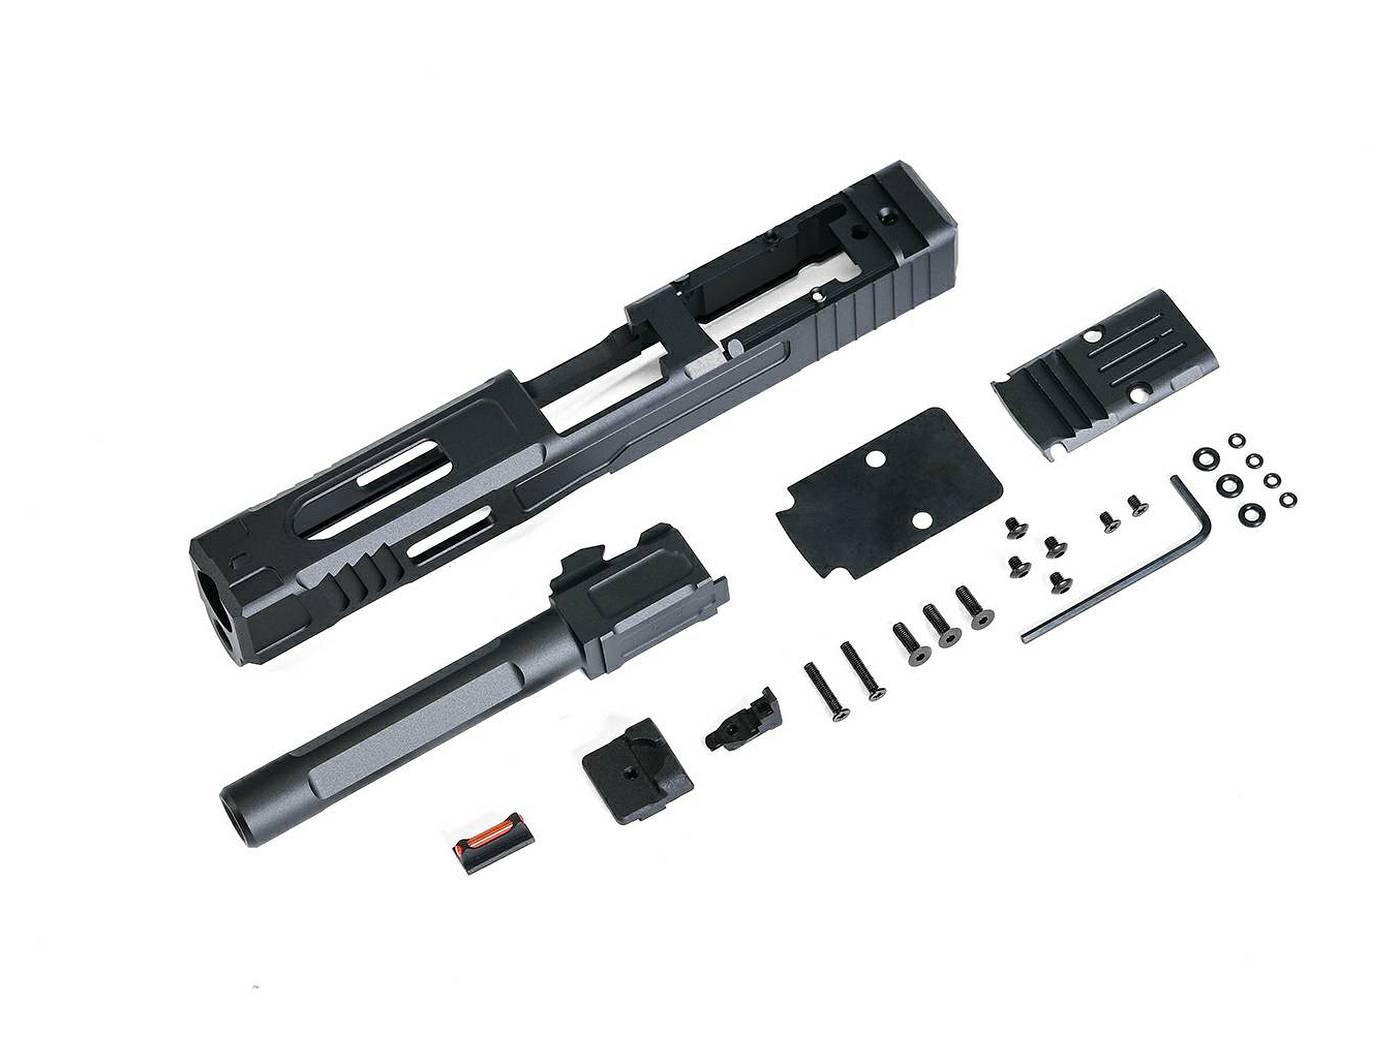 【新製品予約】X-Craft FI G17 MK2 CNCスライド/アウターバレルセット (VFC/Umarex G17用)